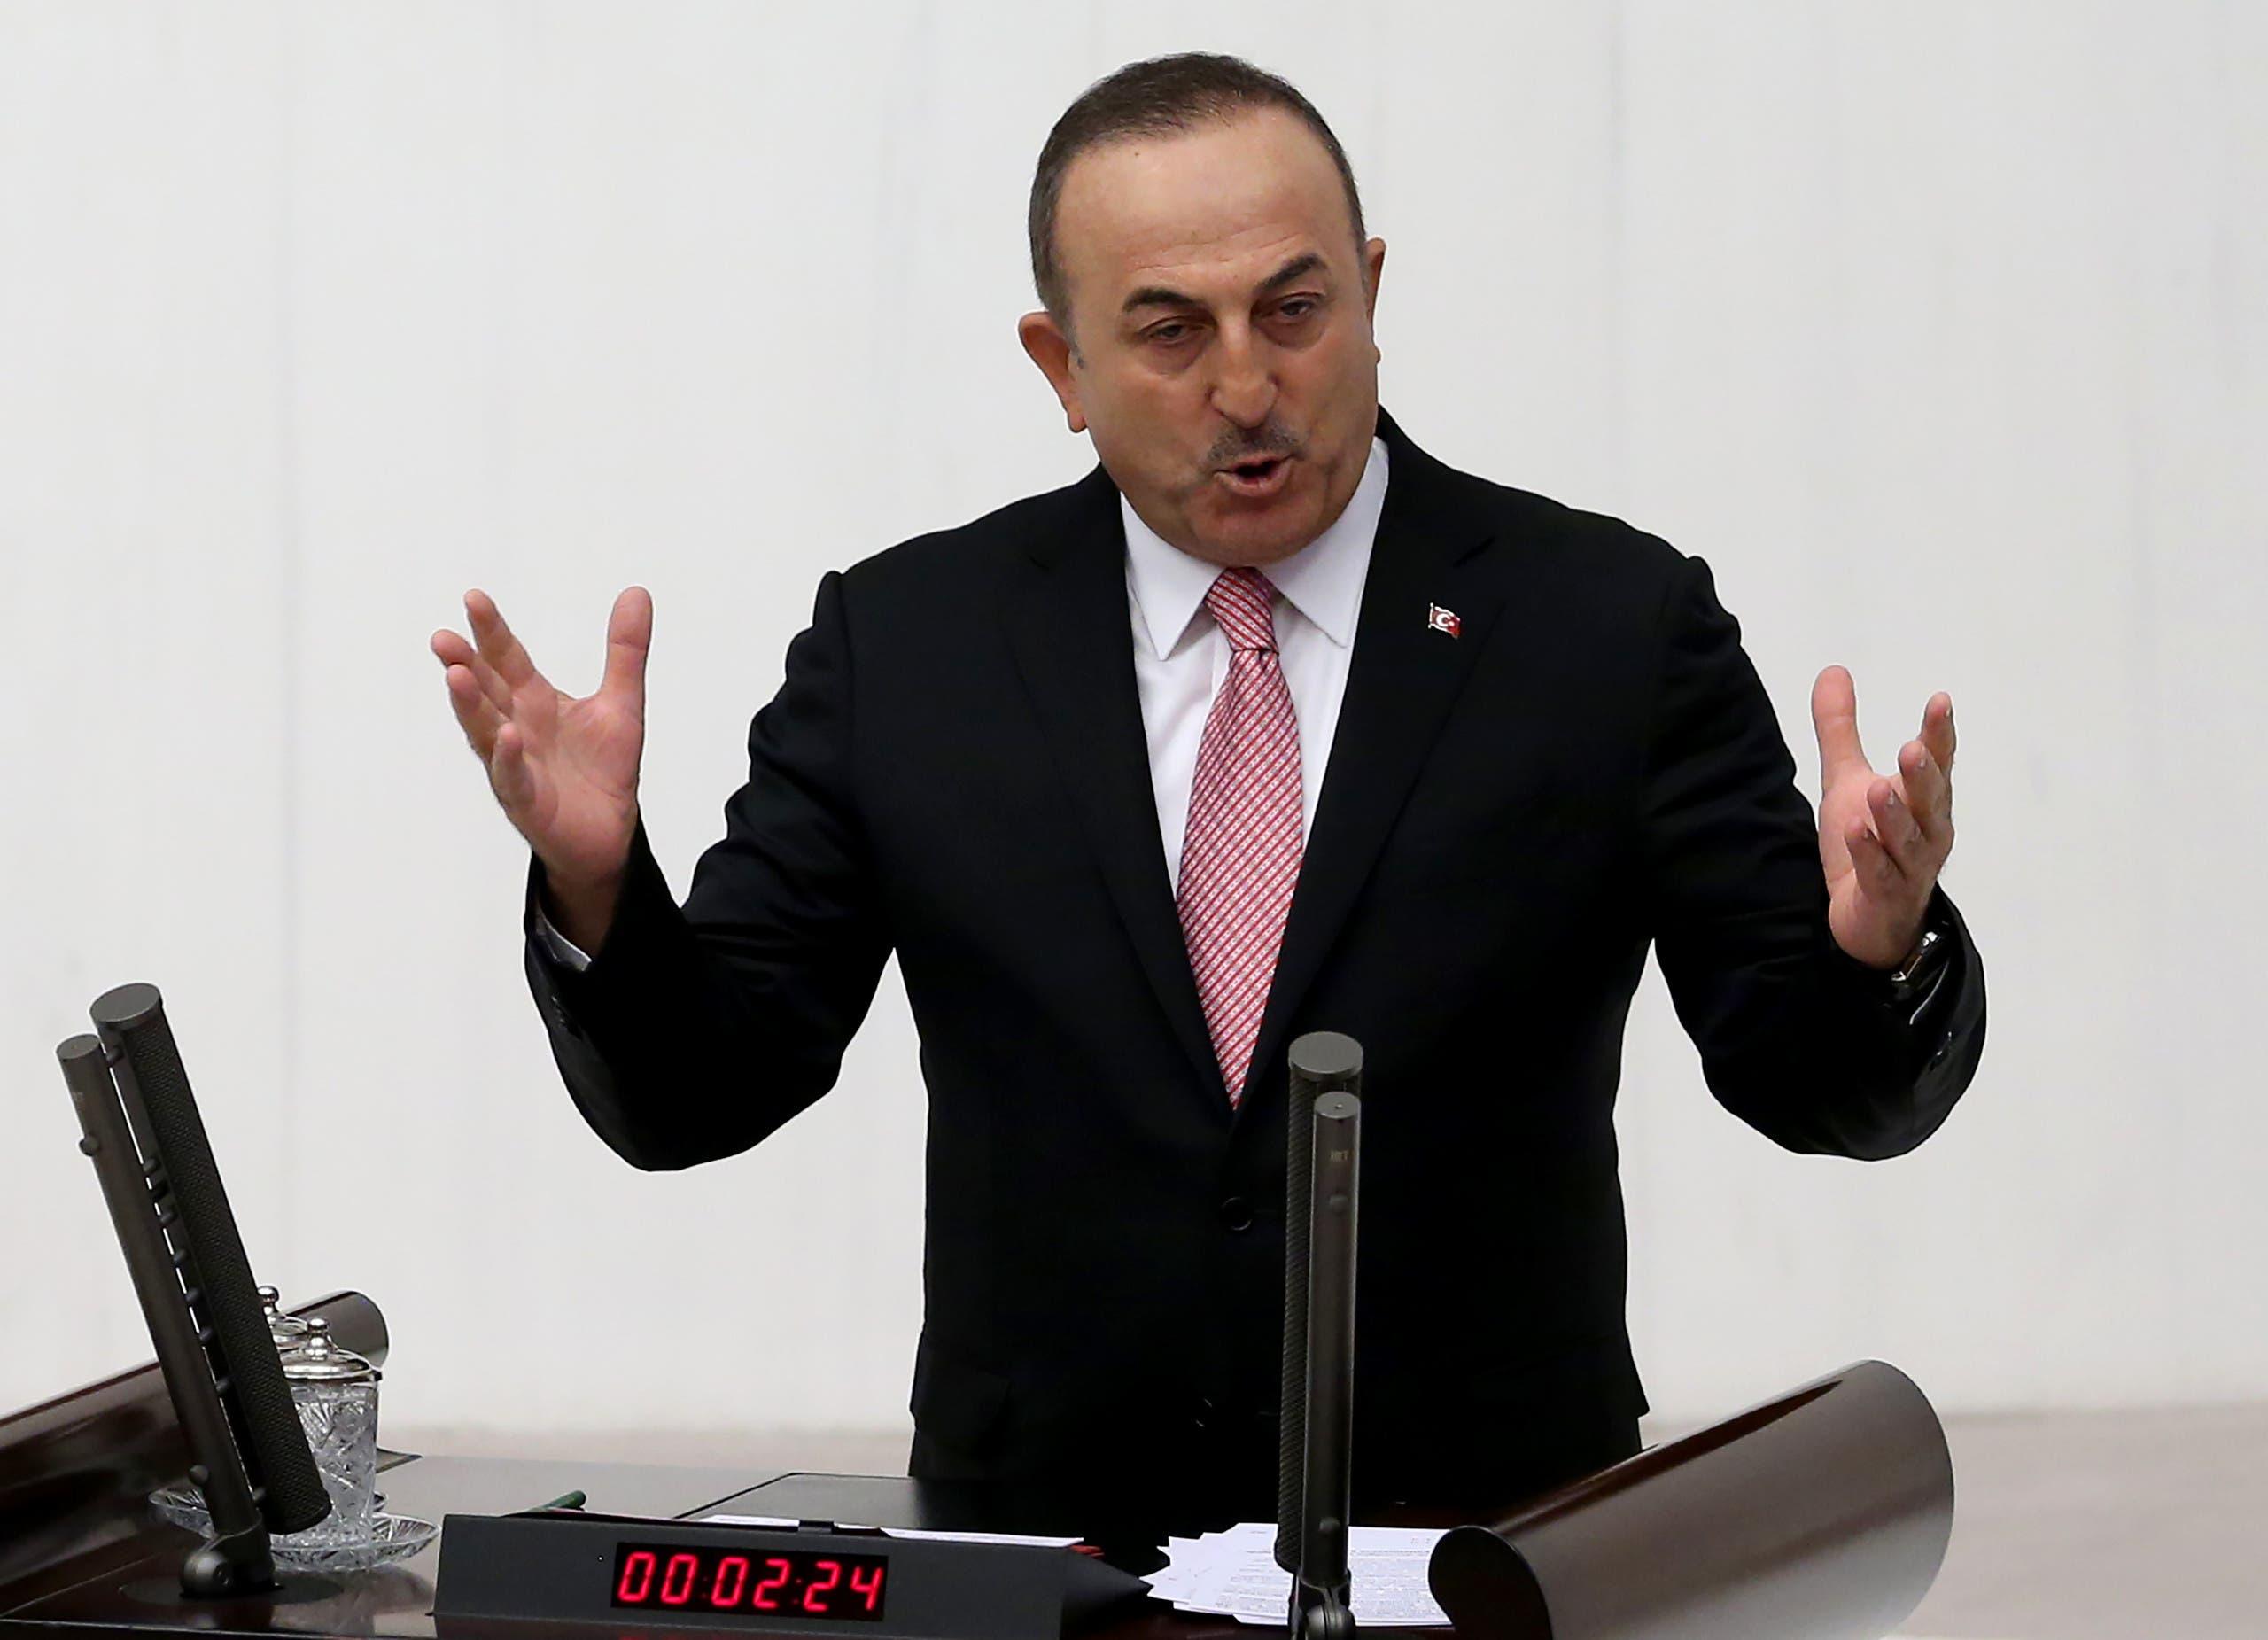 وزير الخارجية التركي مولود تشاووش أوغلو(فرانس برس)